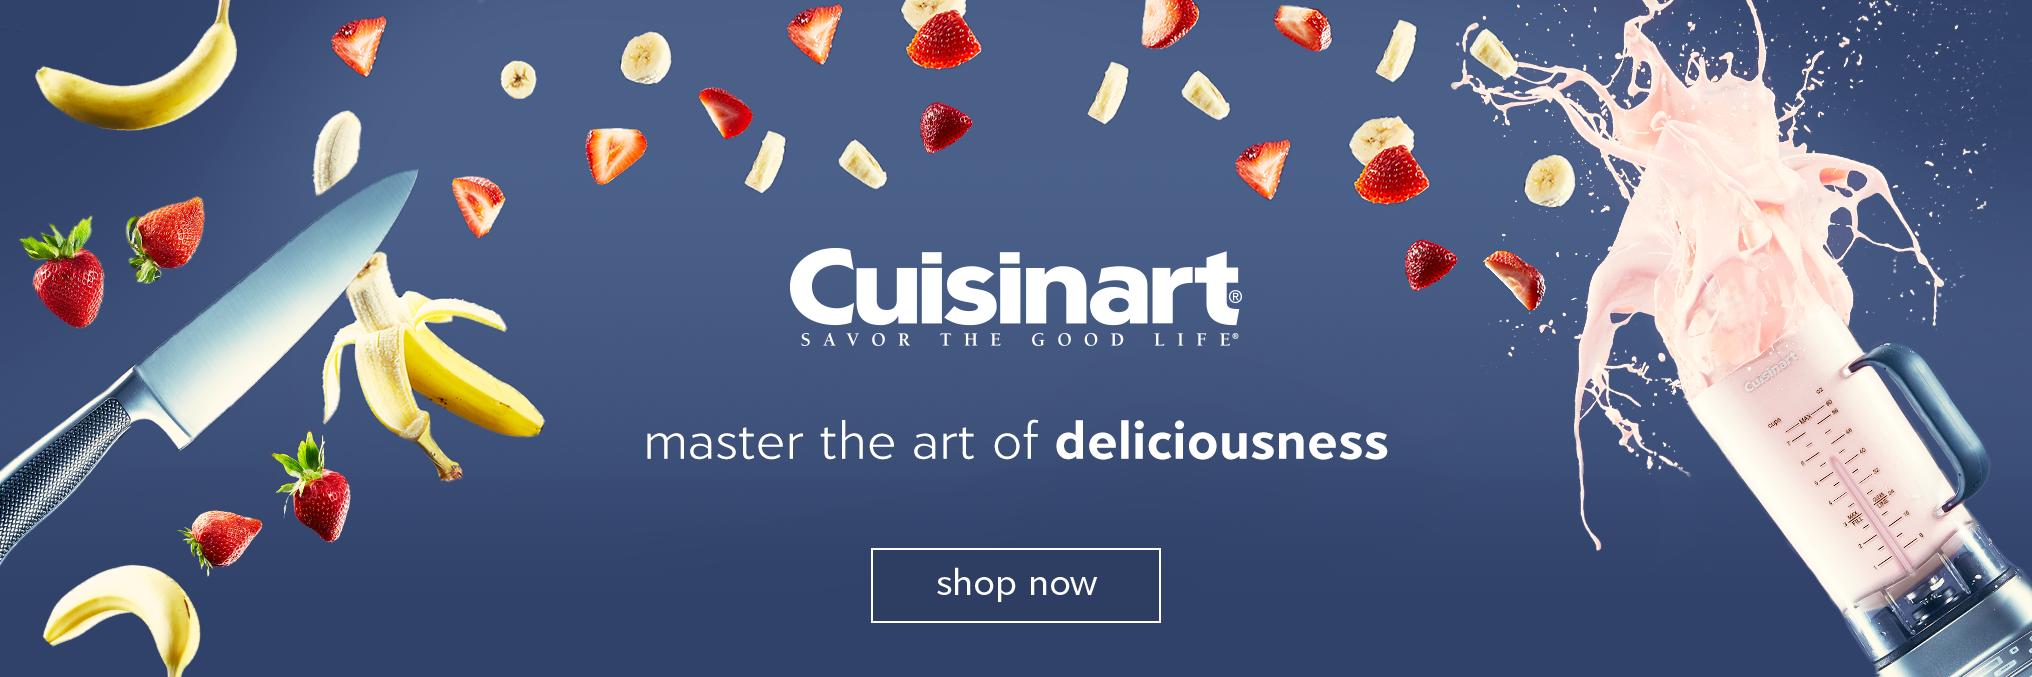 2017_0615_Cuisinart_ipad_doublewide.png